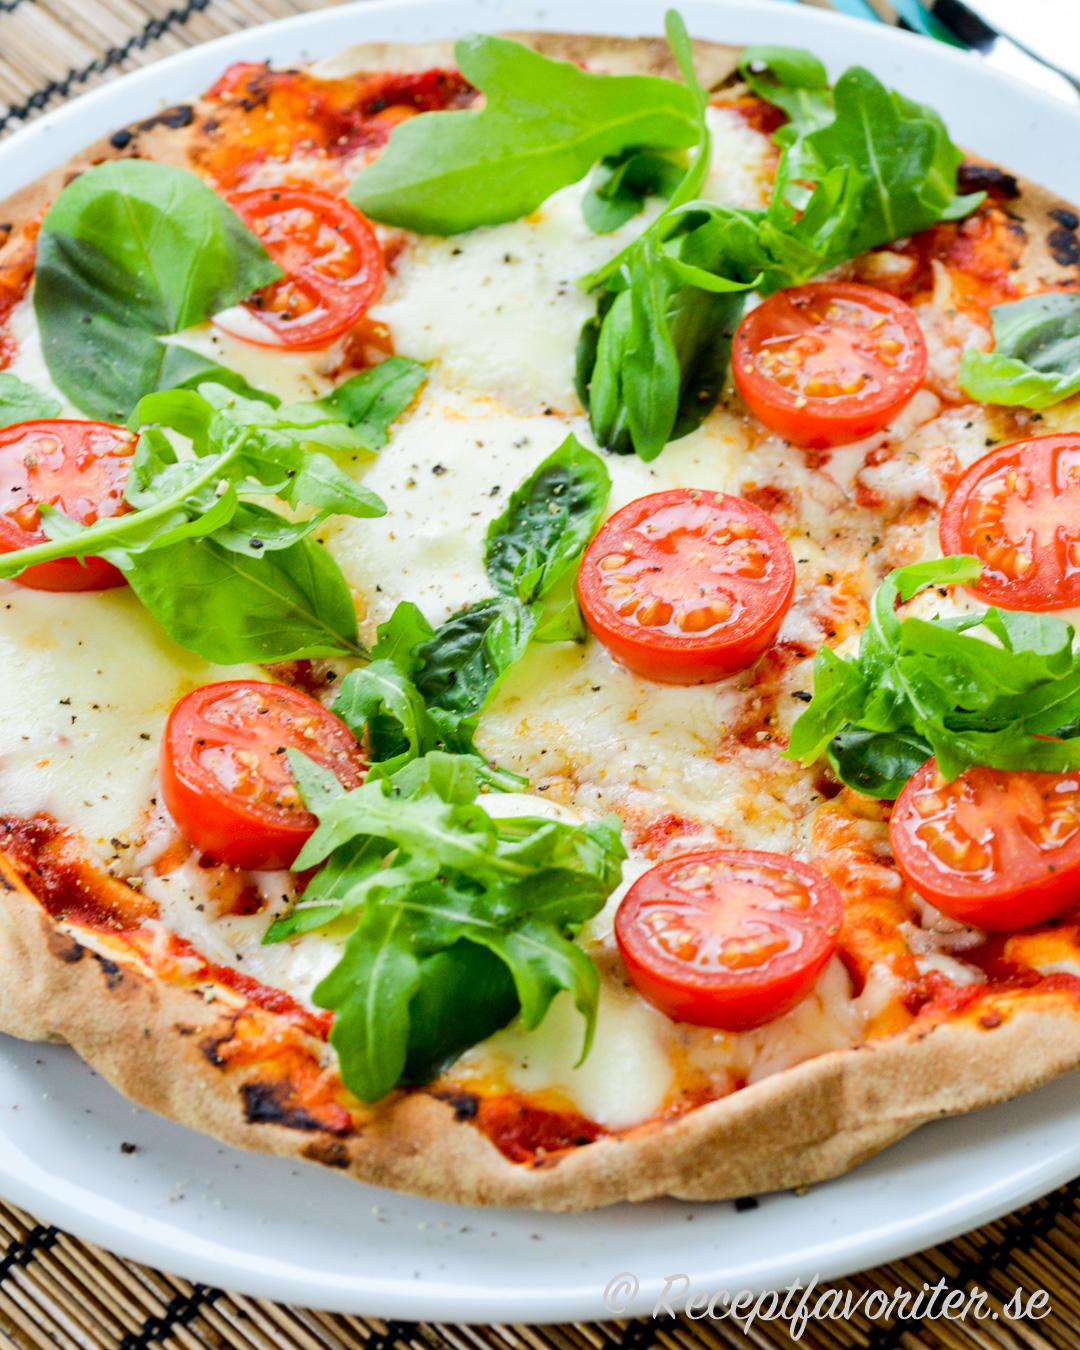 Pizza av Libabröd - arabiskt tunnbröd - toppad med mozzarella, cocktailtomater och ruccola samt basilika.